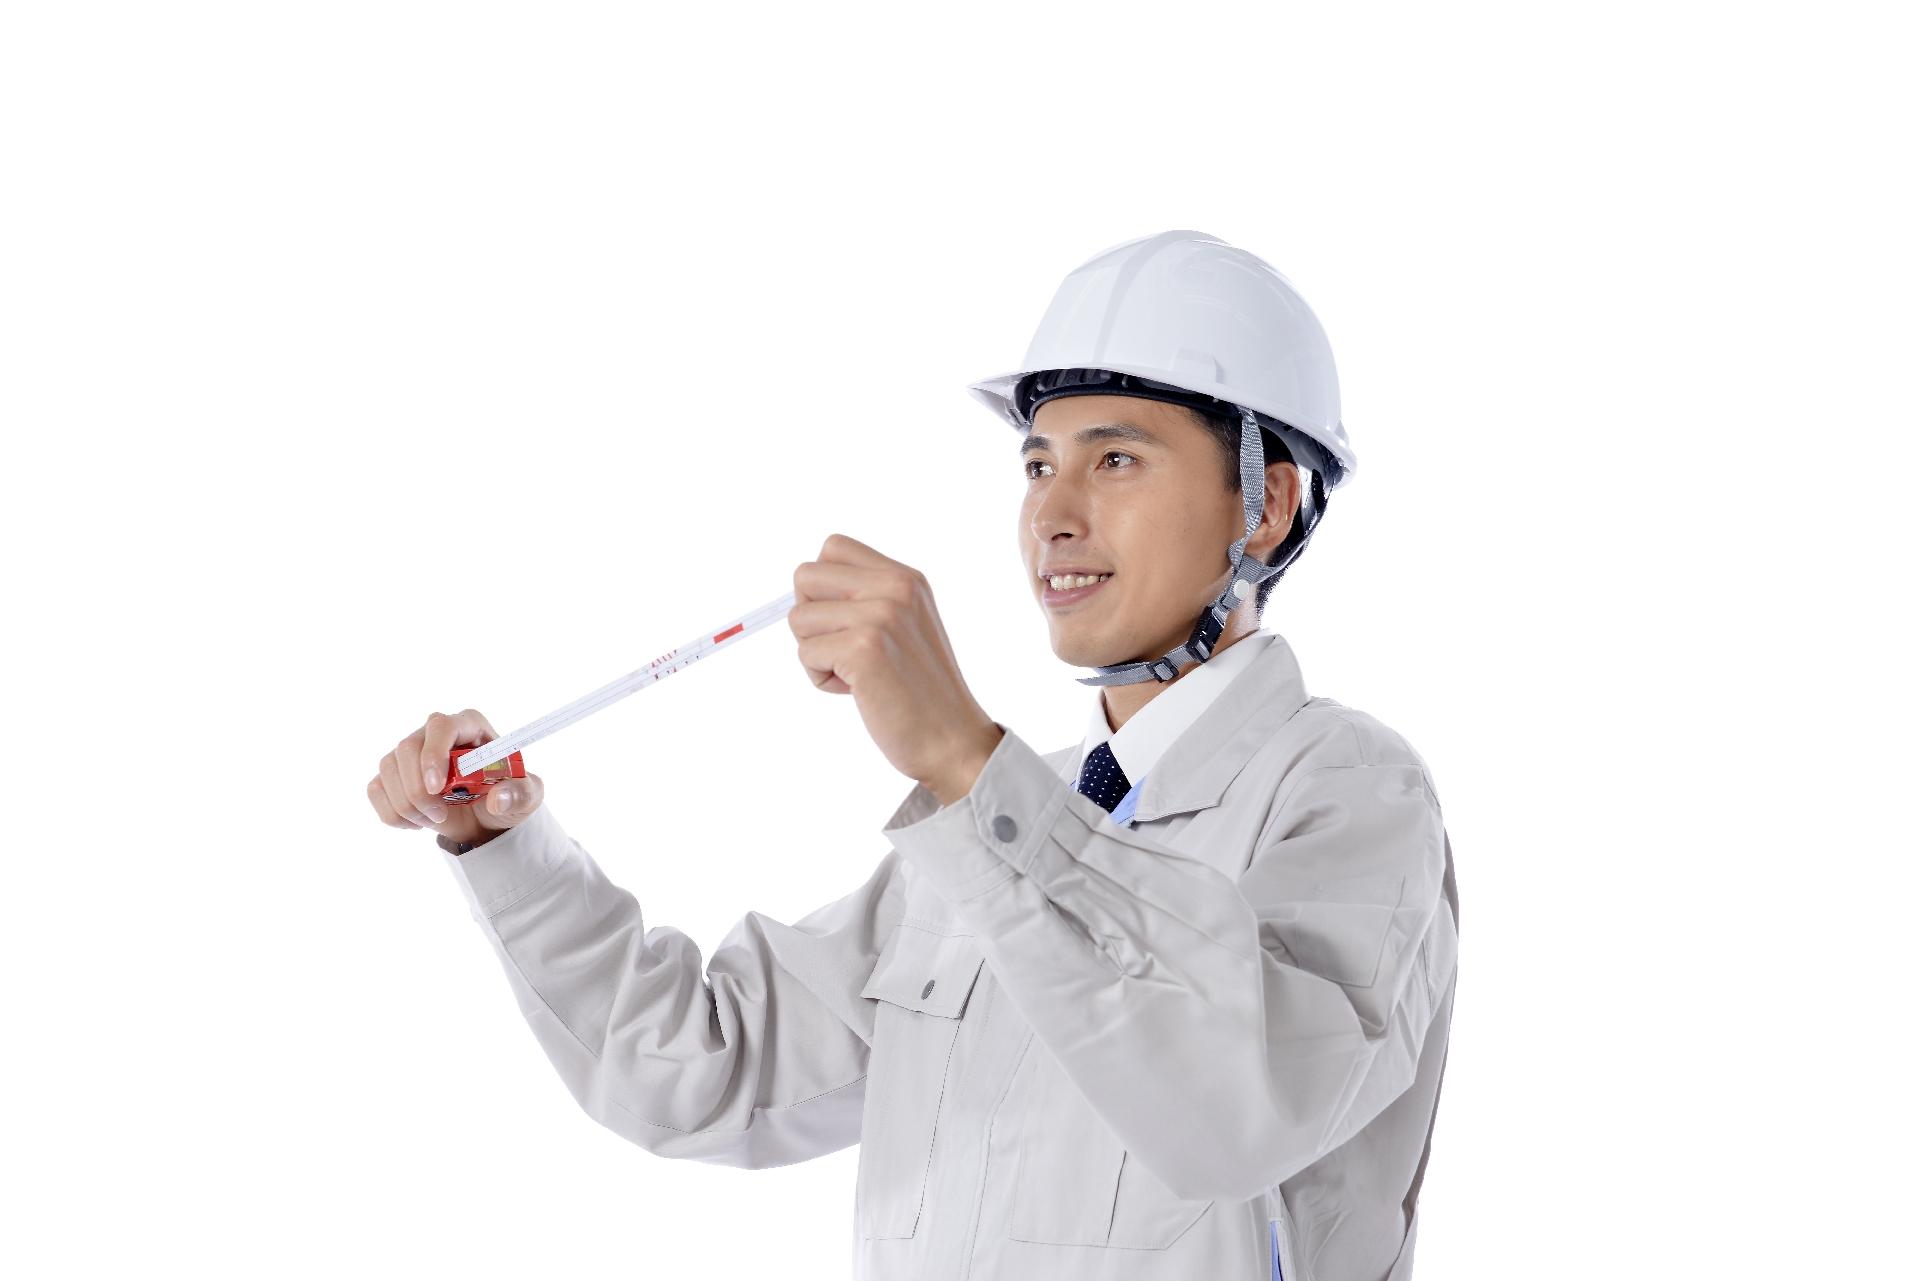 建設コンサルタントを辞めたい人へ=つらい仕事を上手に辞める方法